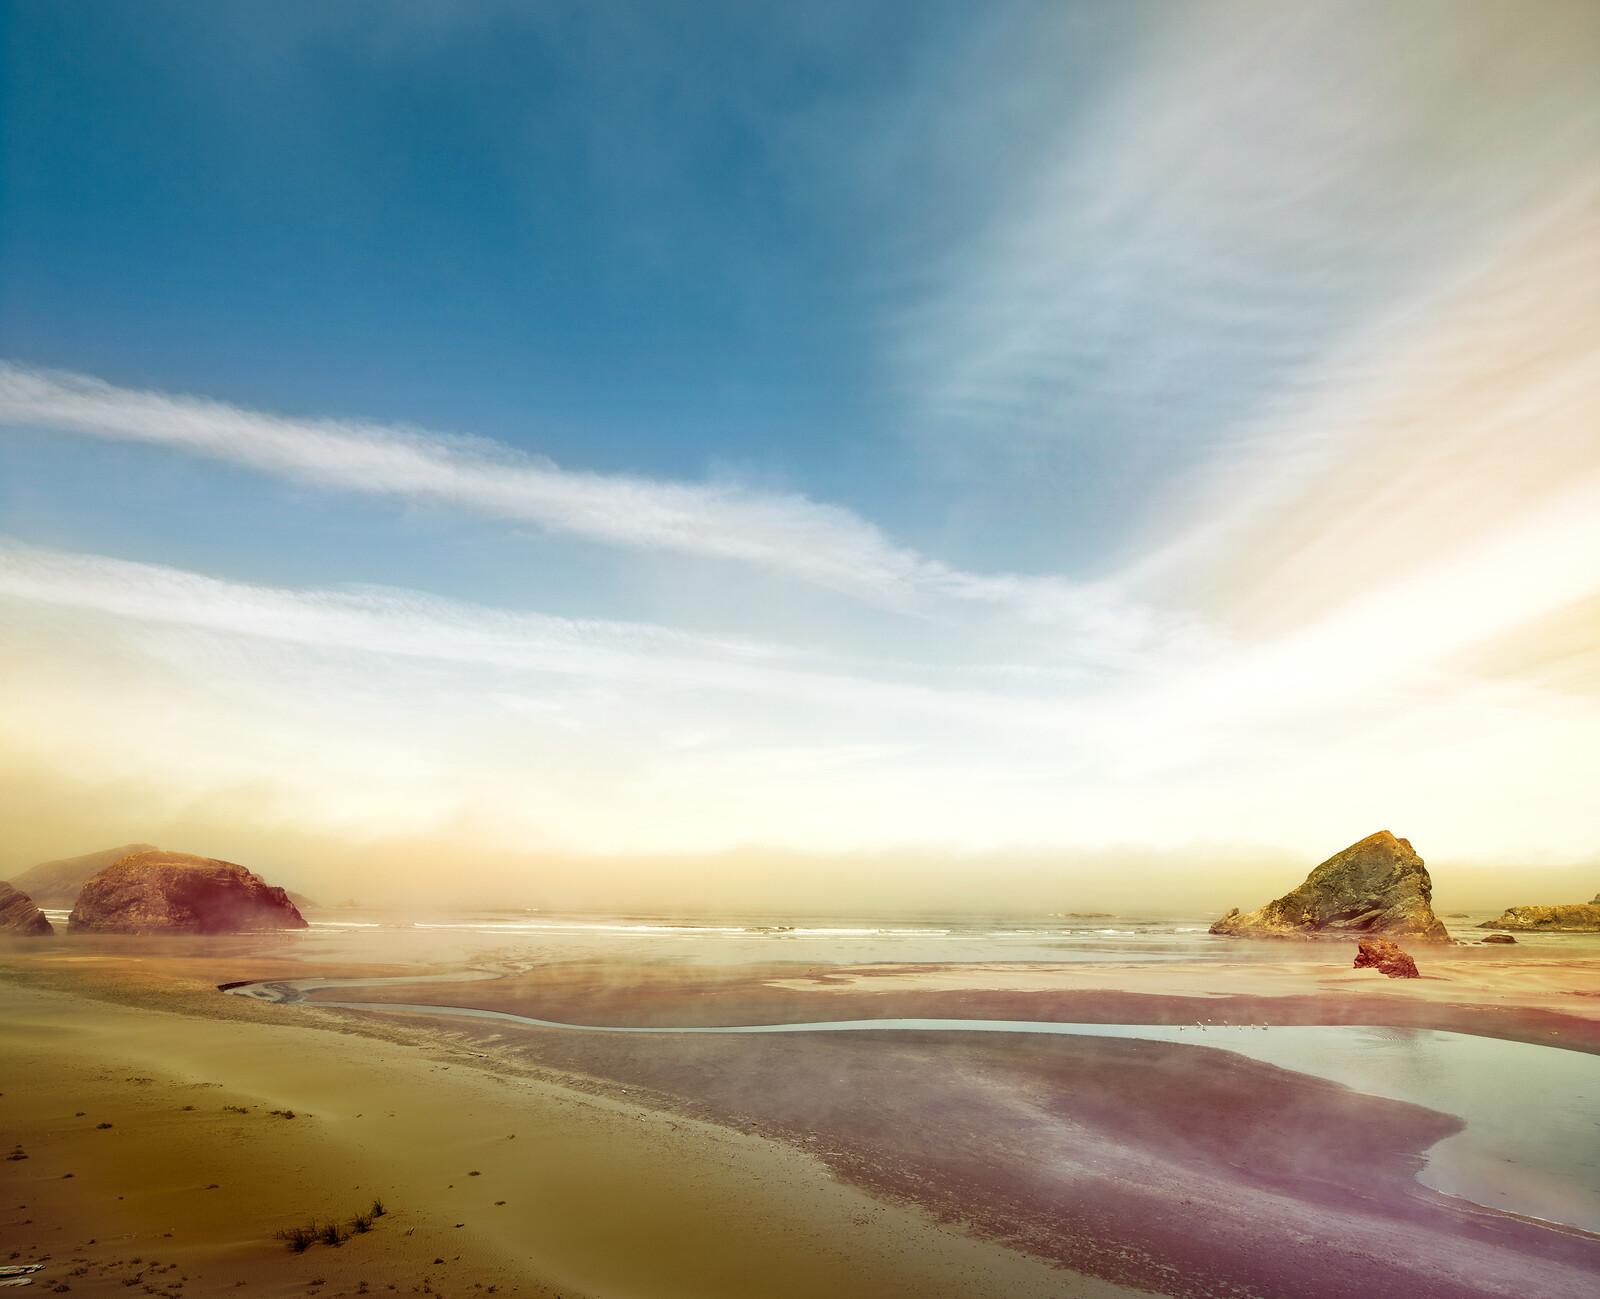 Gold Coast - Erik Chmil